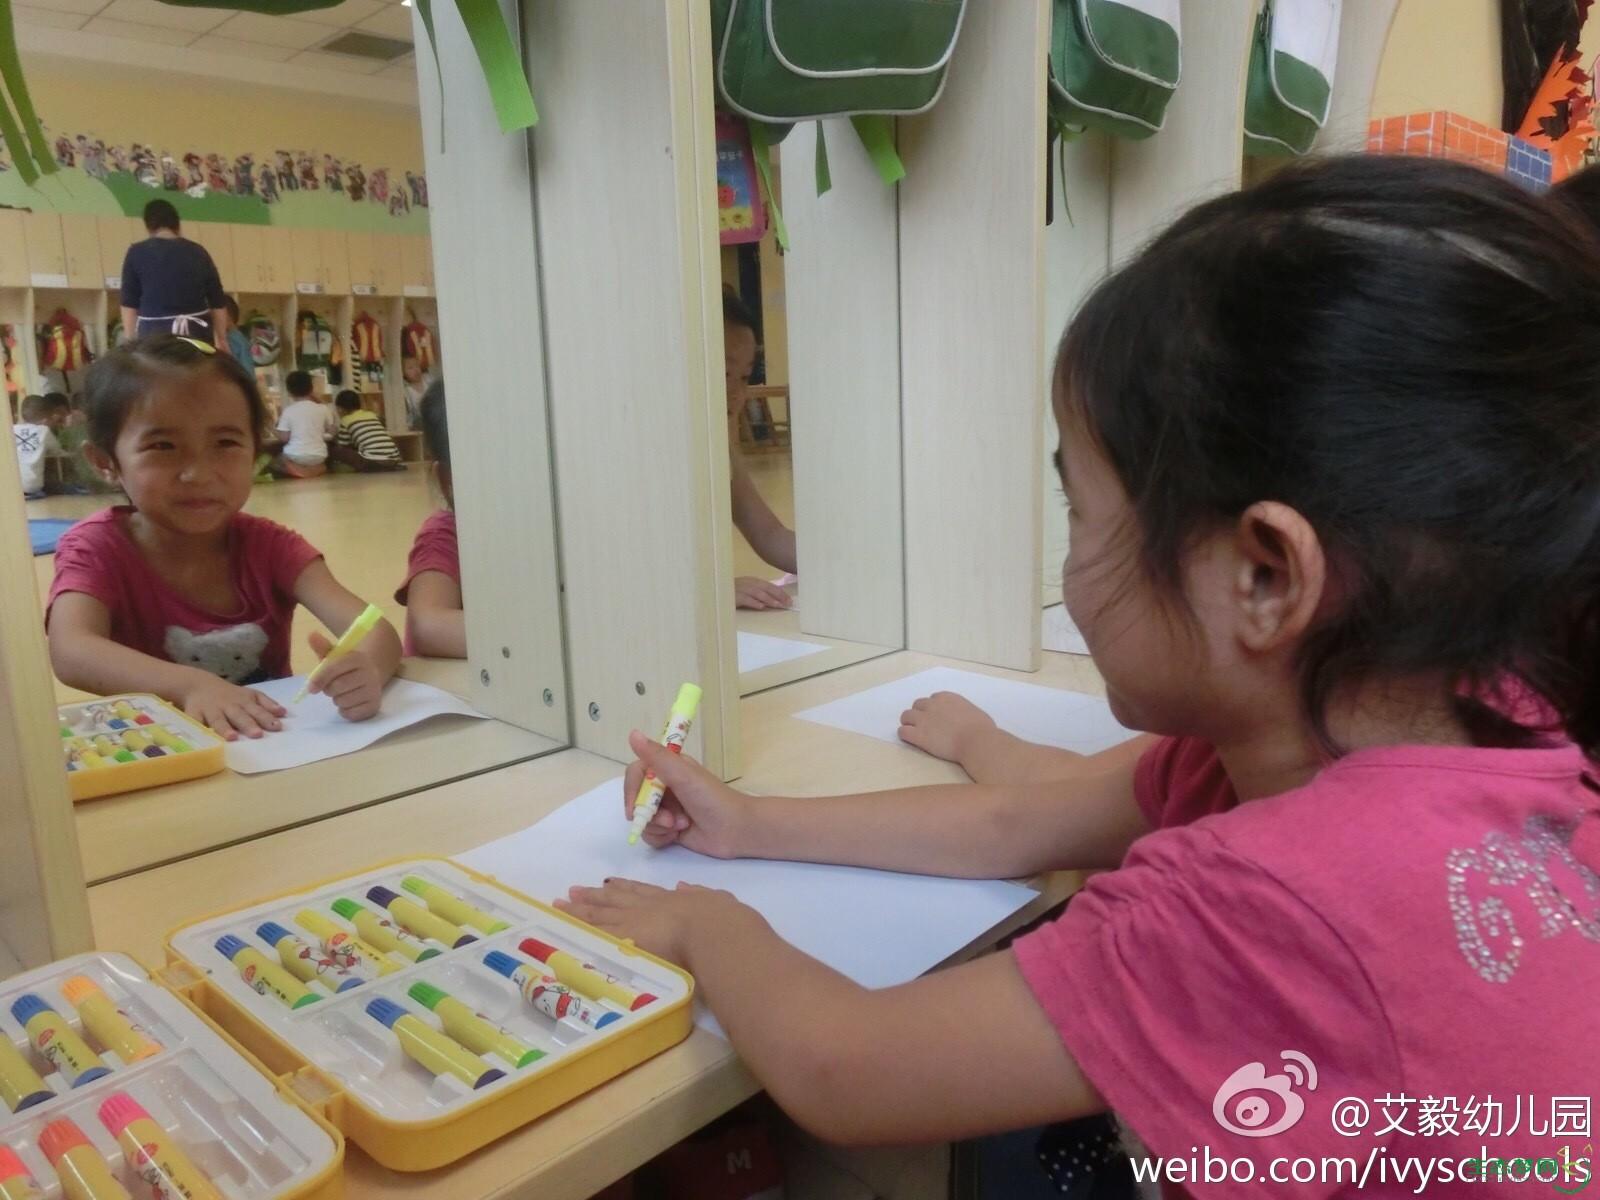 小朋友们照着镜子 画起了自画像 - 艾毅幼儿园 - 生态